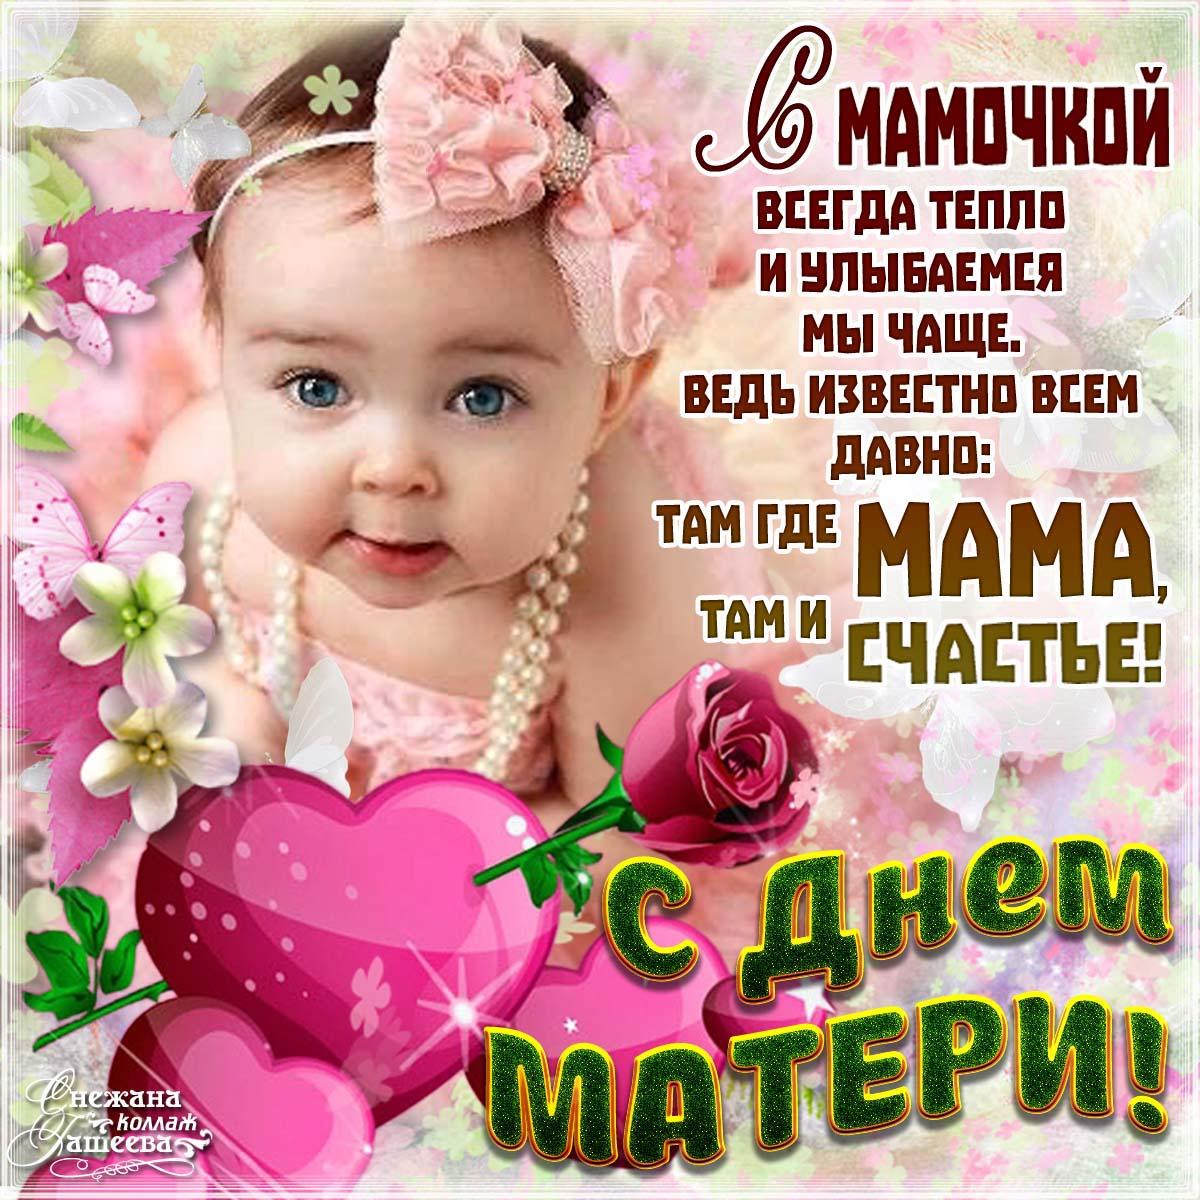 Открытки для мамы день матери, сердечками надписью люблю